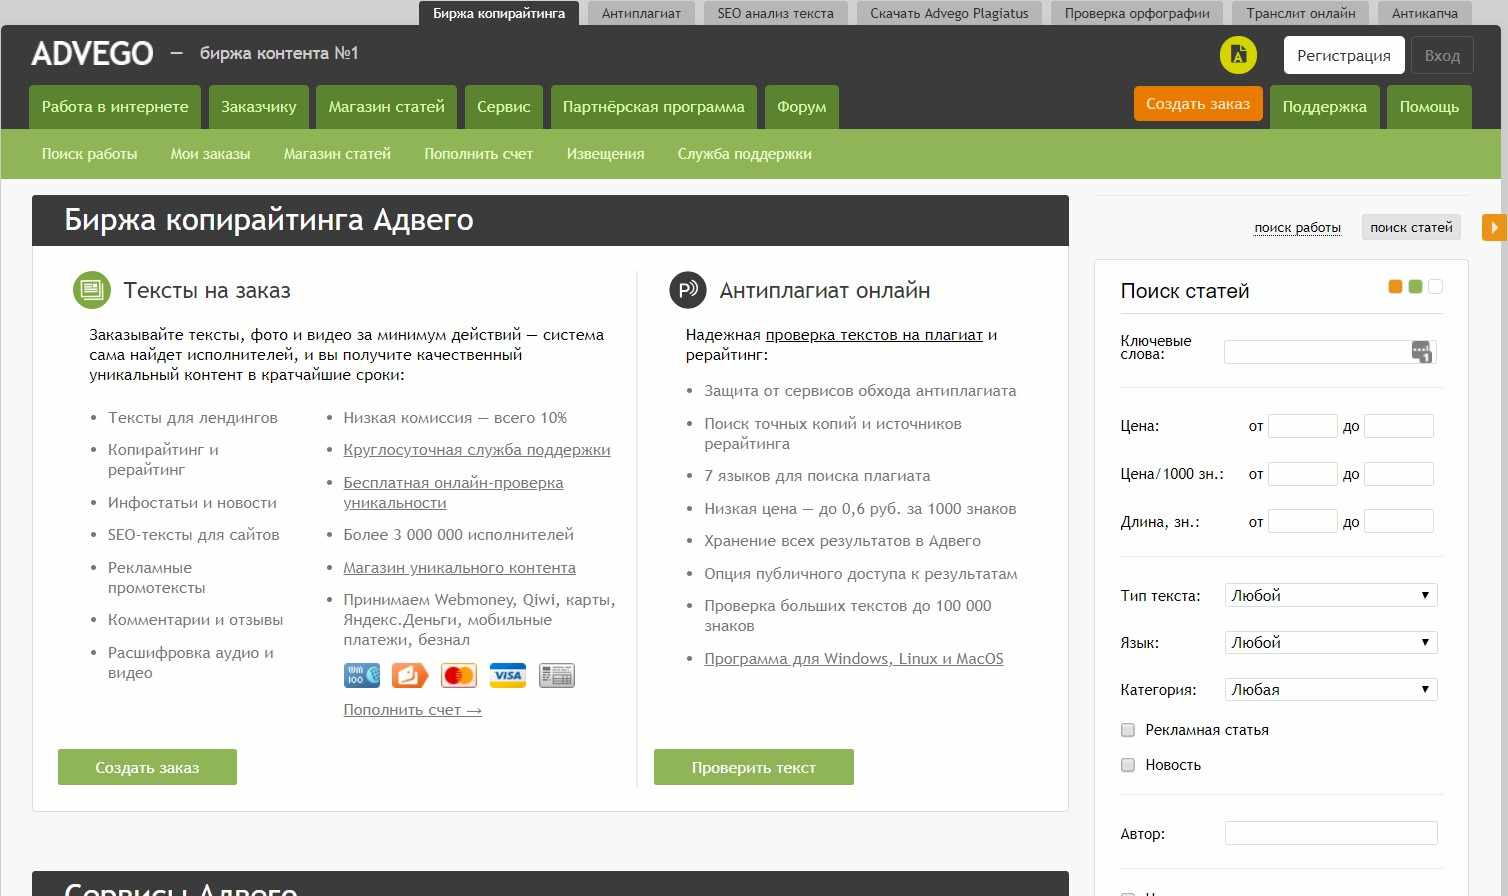 проверка на антиплагиат advego - интерфейс